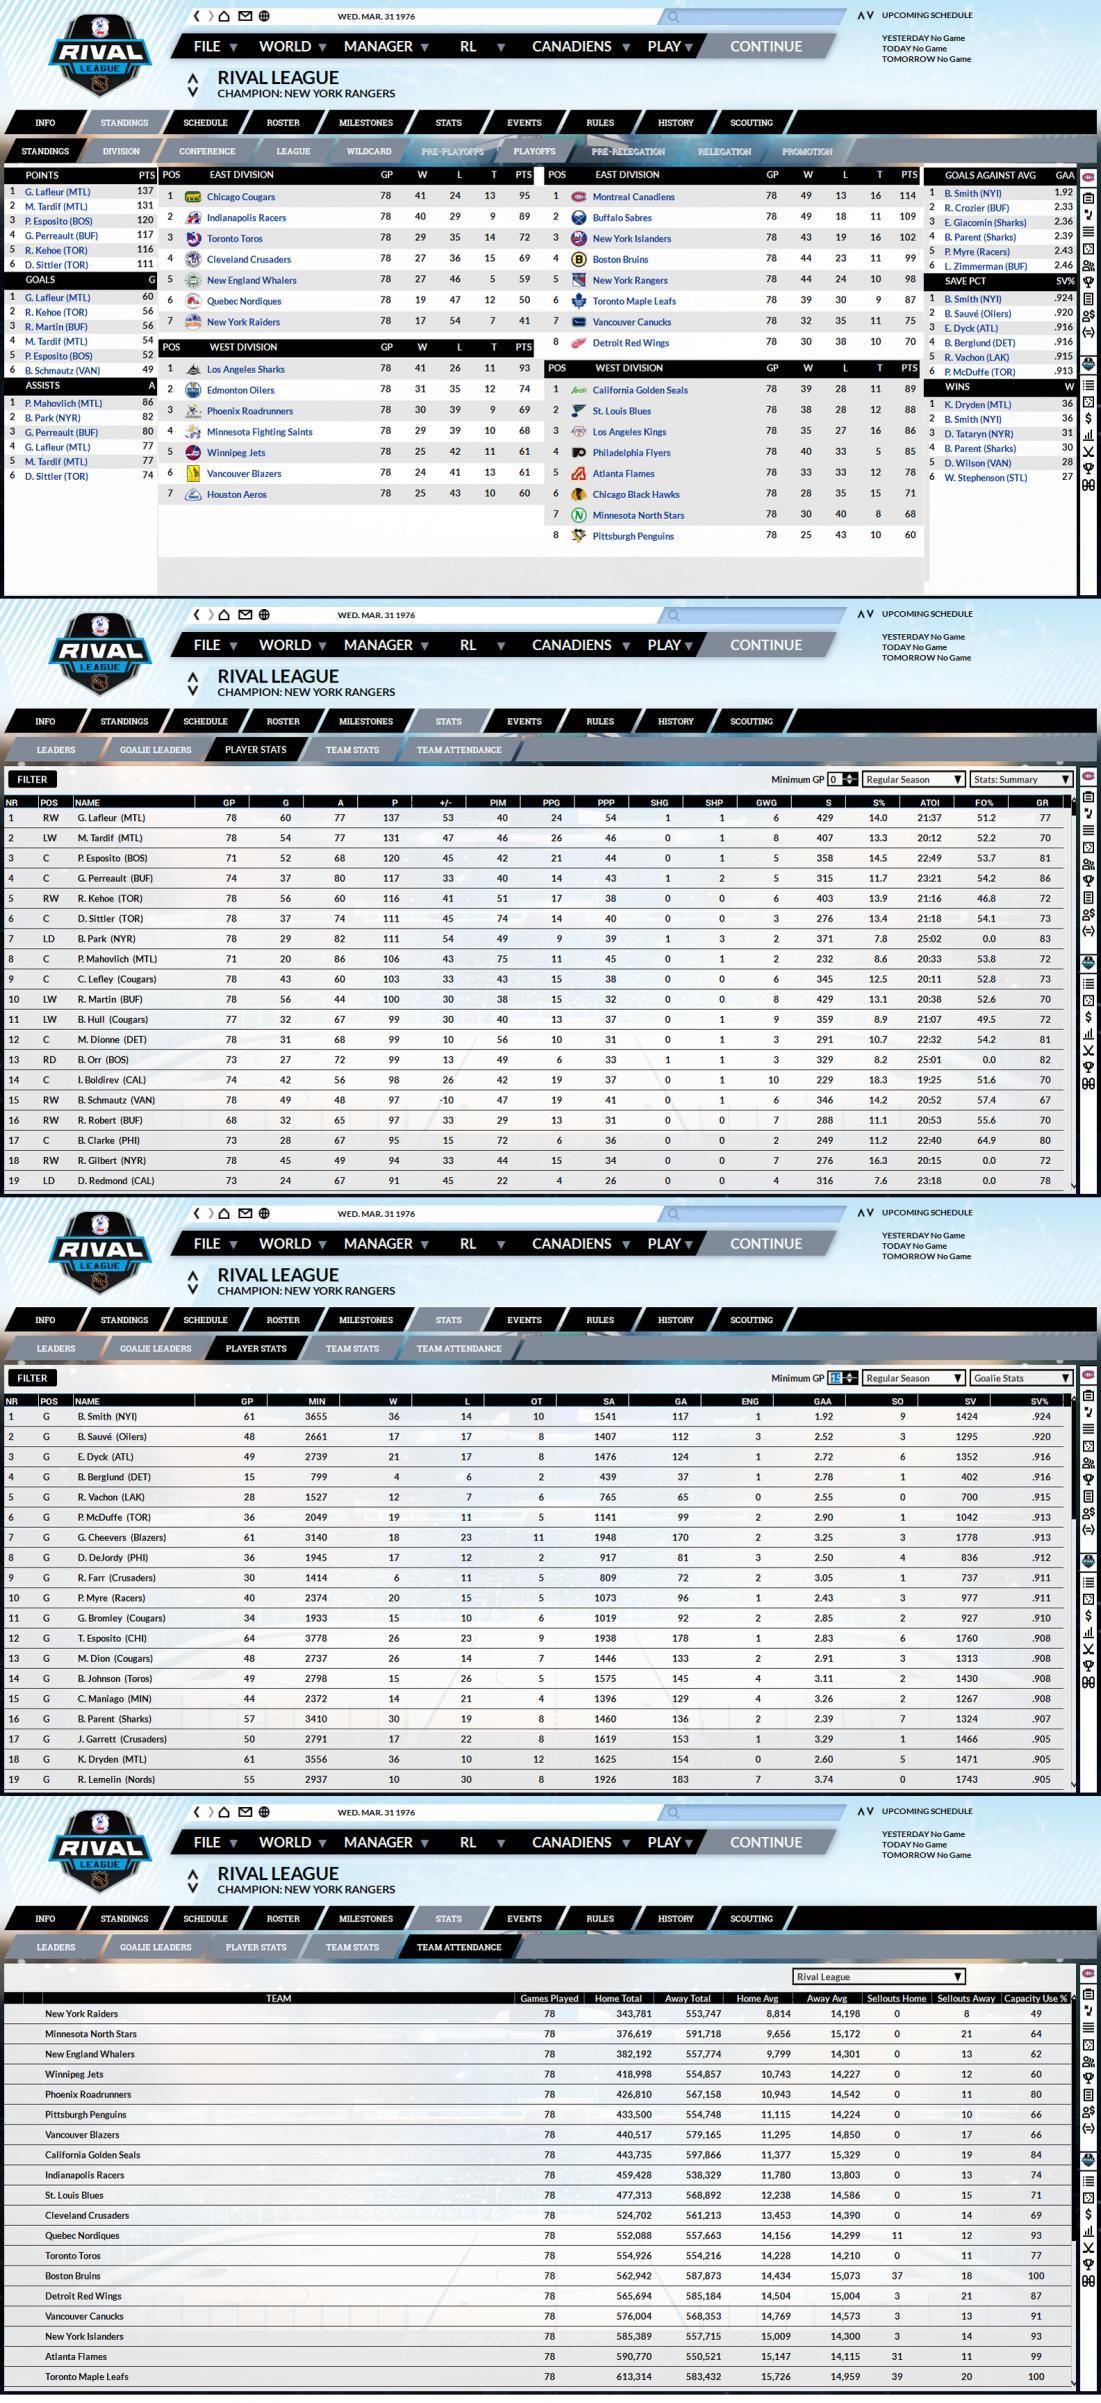 Name:  3. 1975-76 Season Final Stats - The Rival League.jpg Views: 175 Size:  512.1 KB